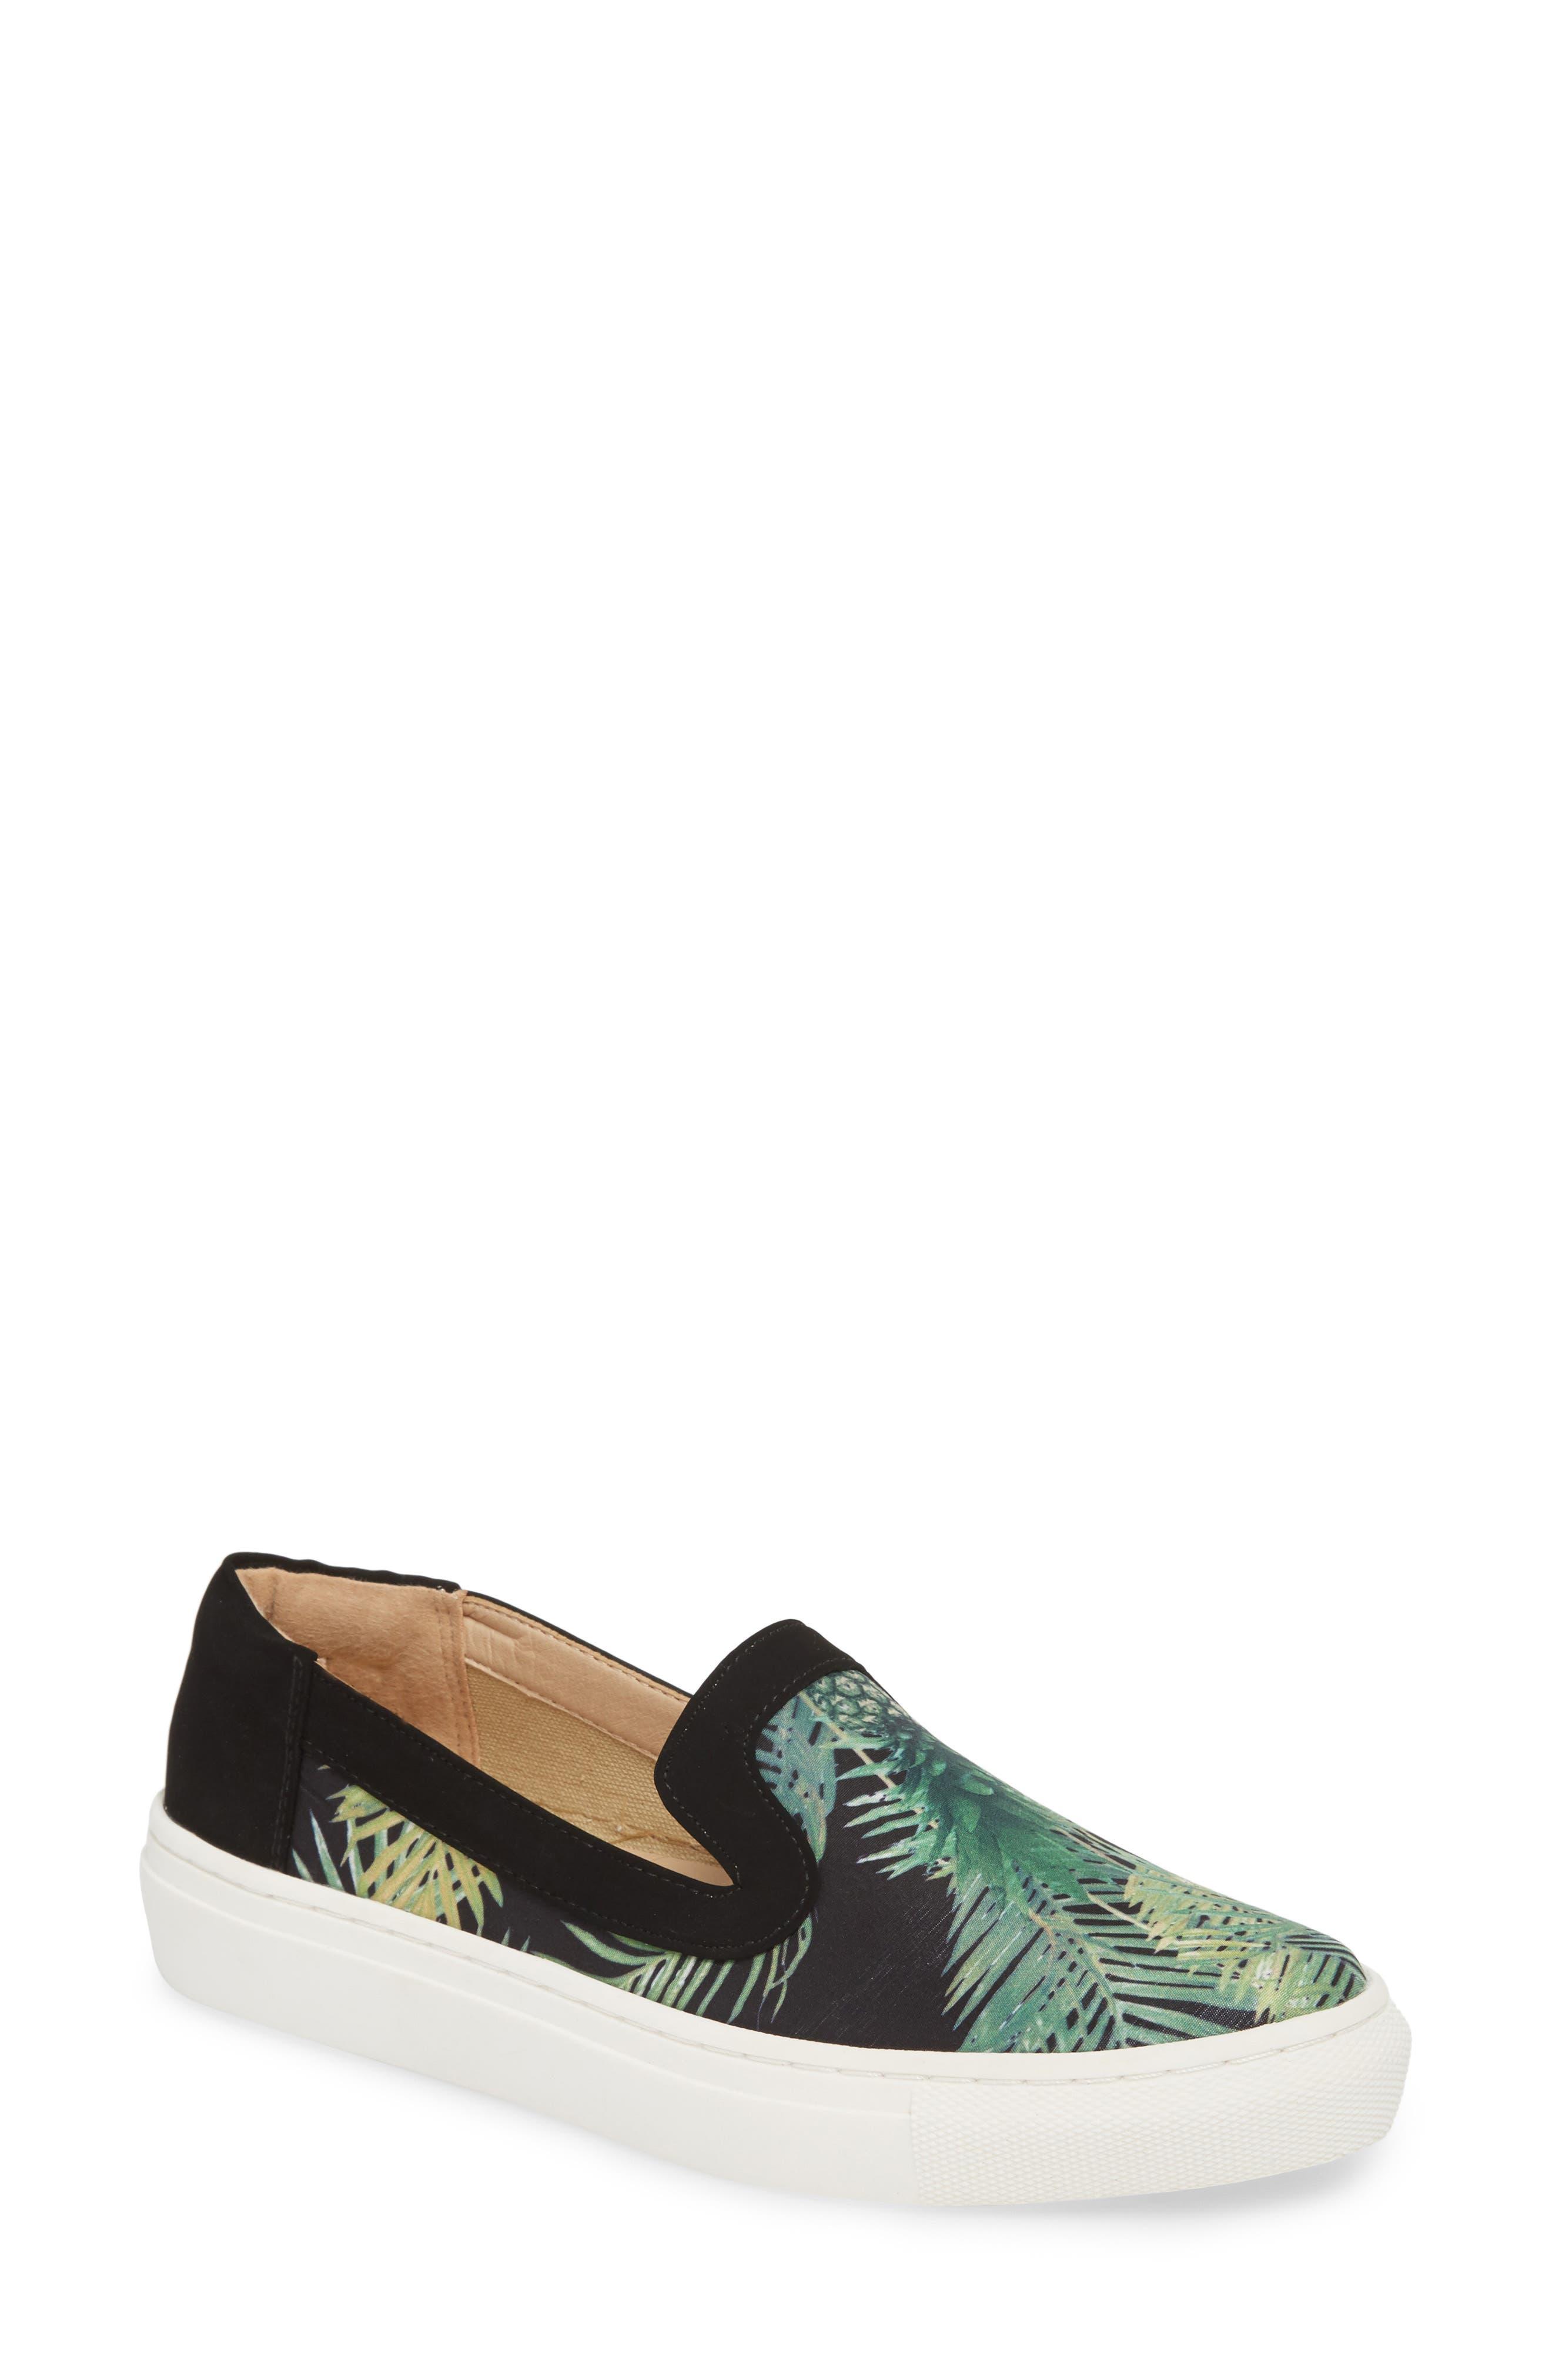 Lineth Sneaker,                             Main thumbnail 1, color,                             BLACK / MULTI